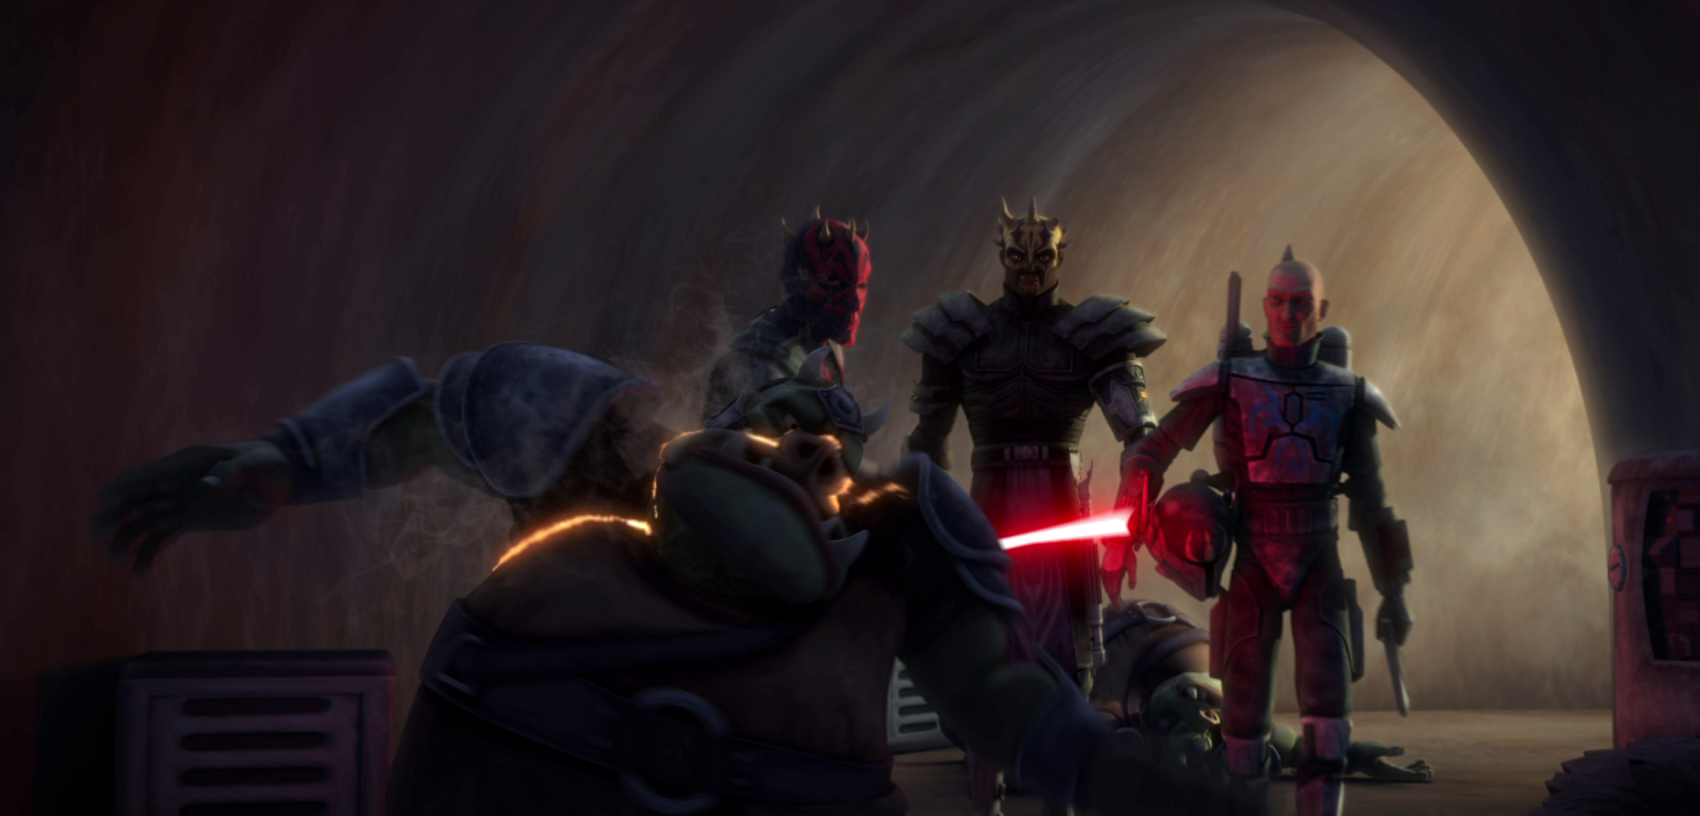 Ataque al Palacio de Jabba/Leyendas